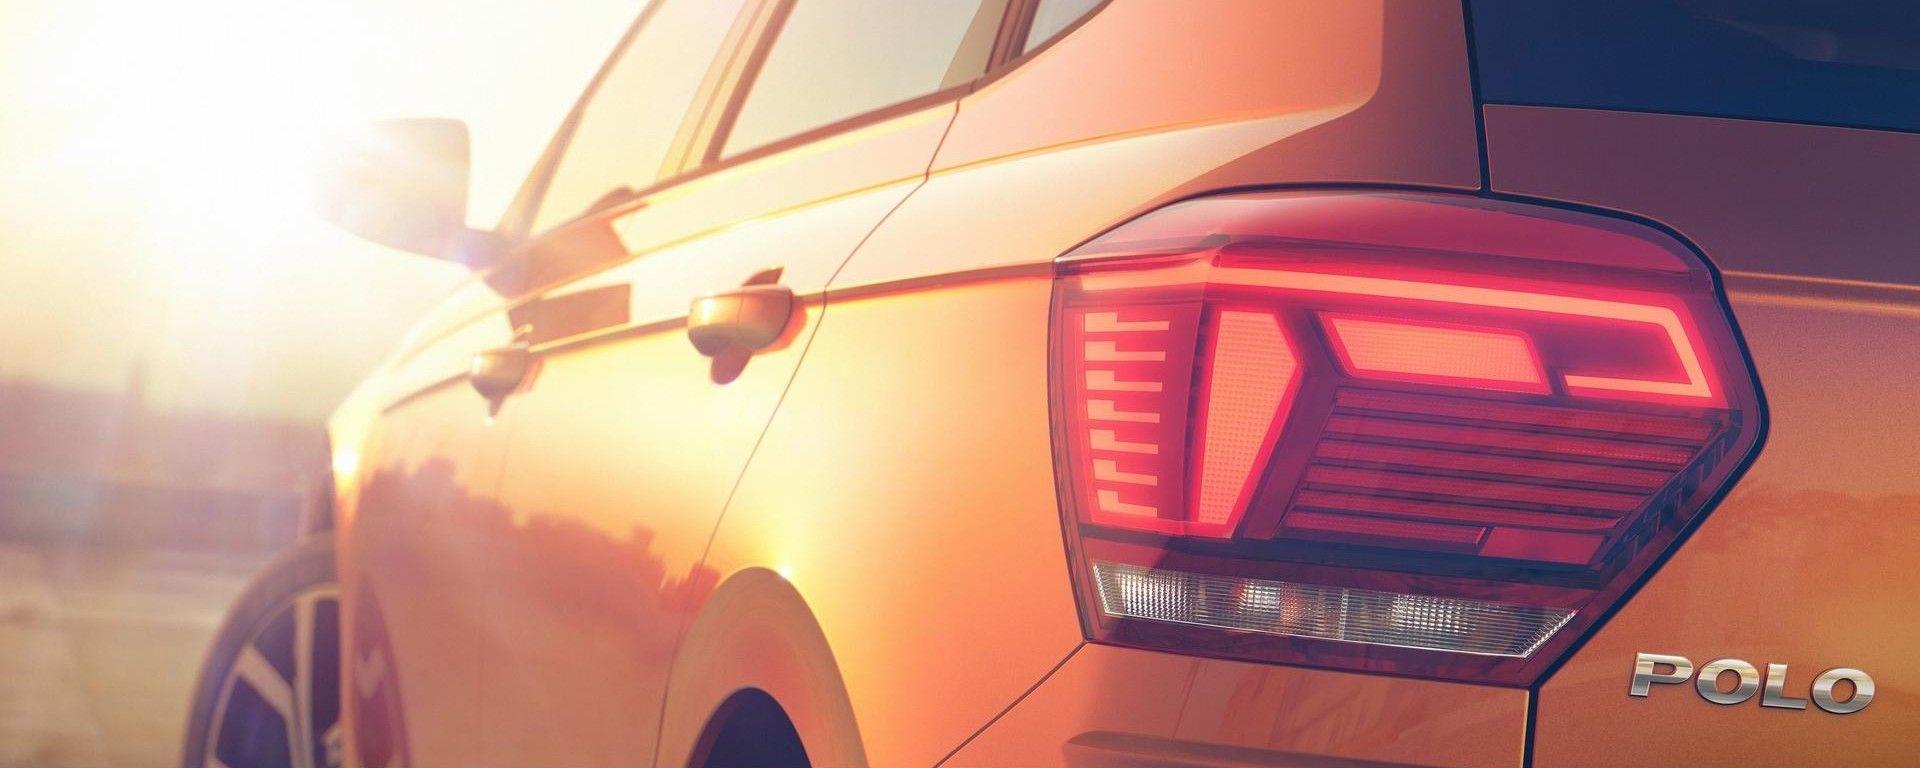 Nuova Volkswagen Polo, il teaser ufficiale